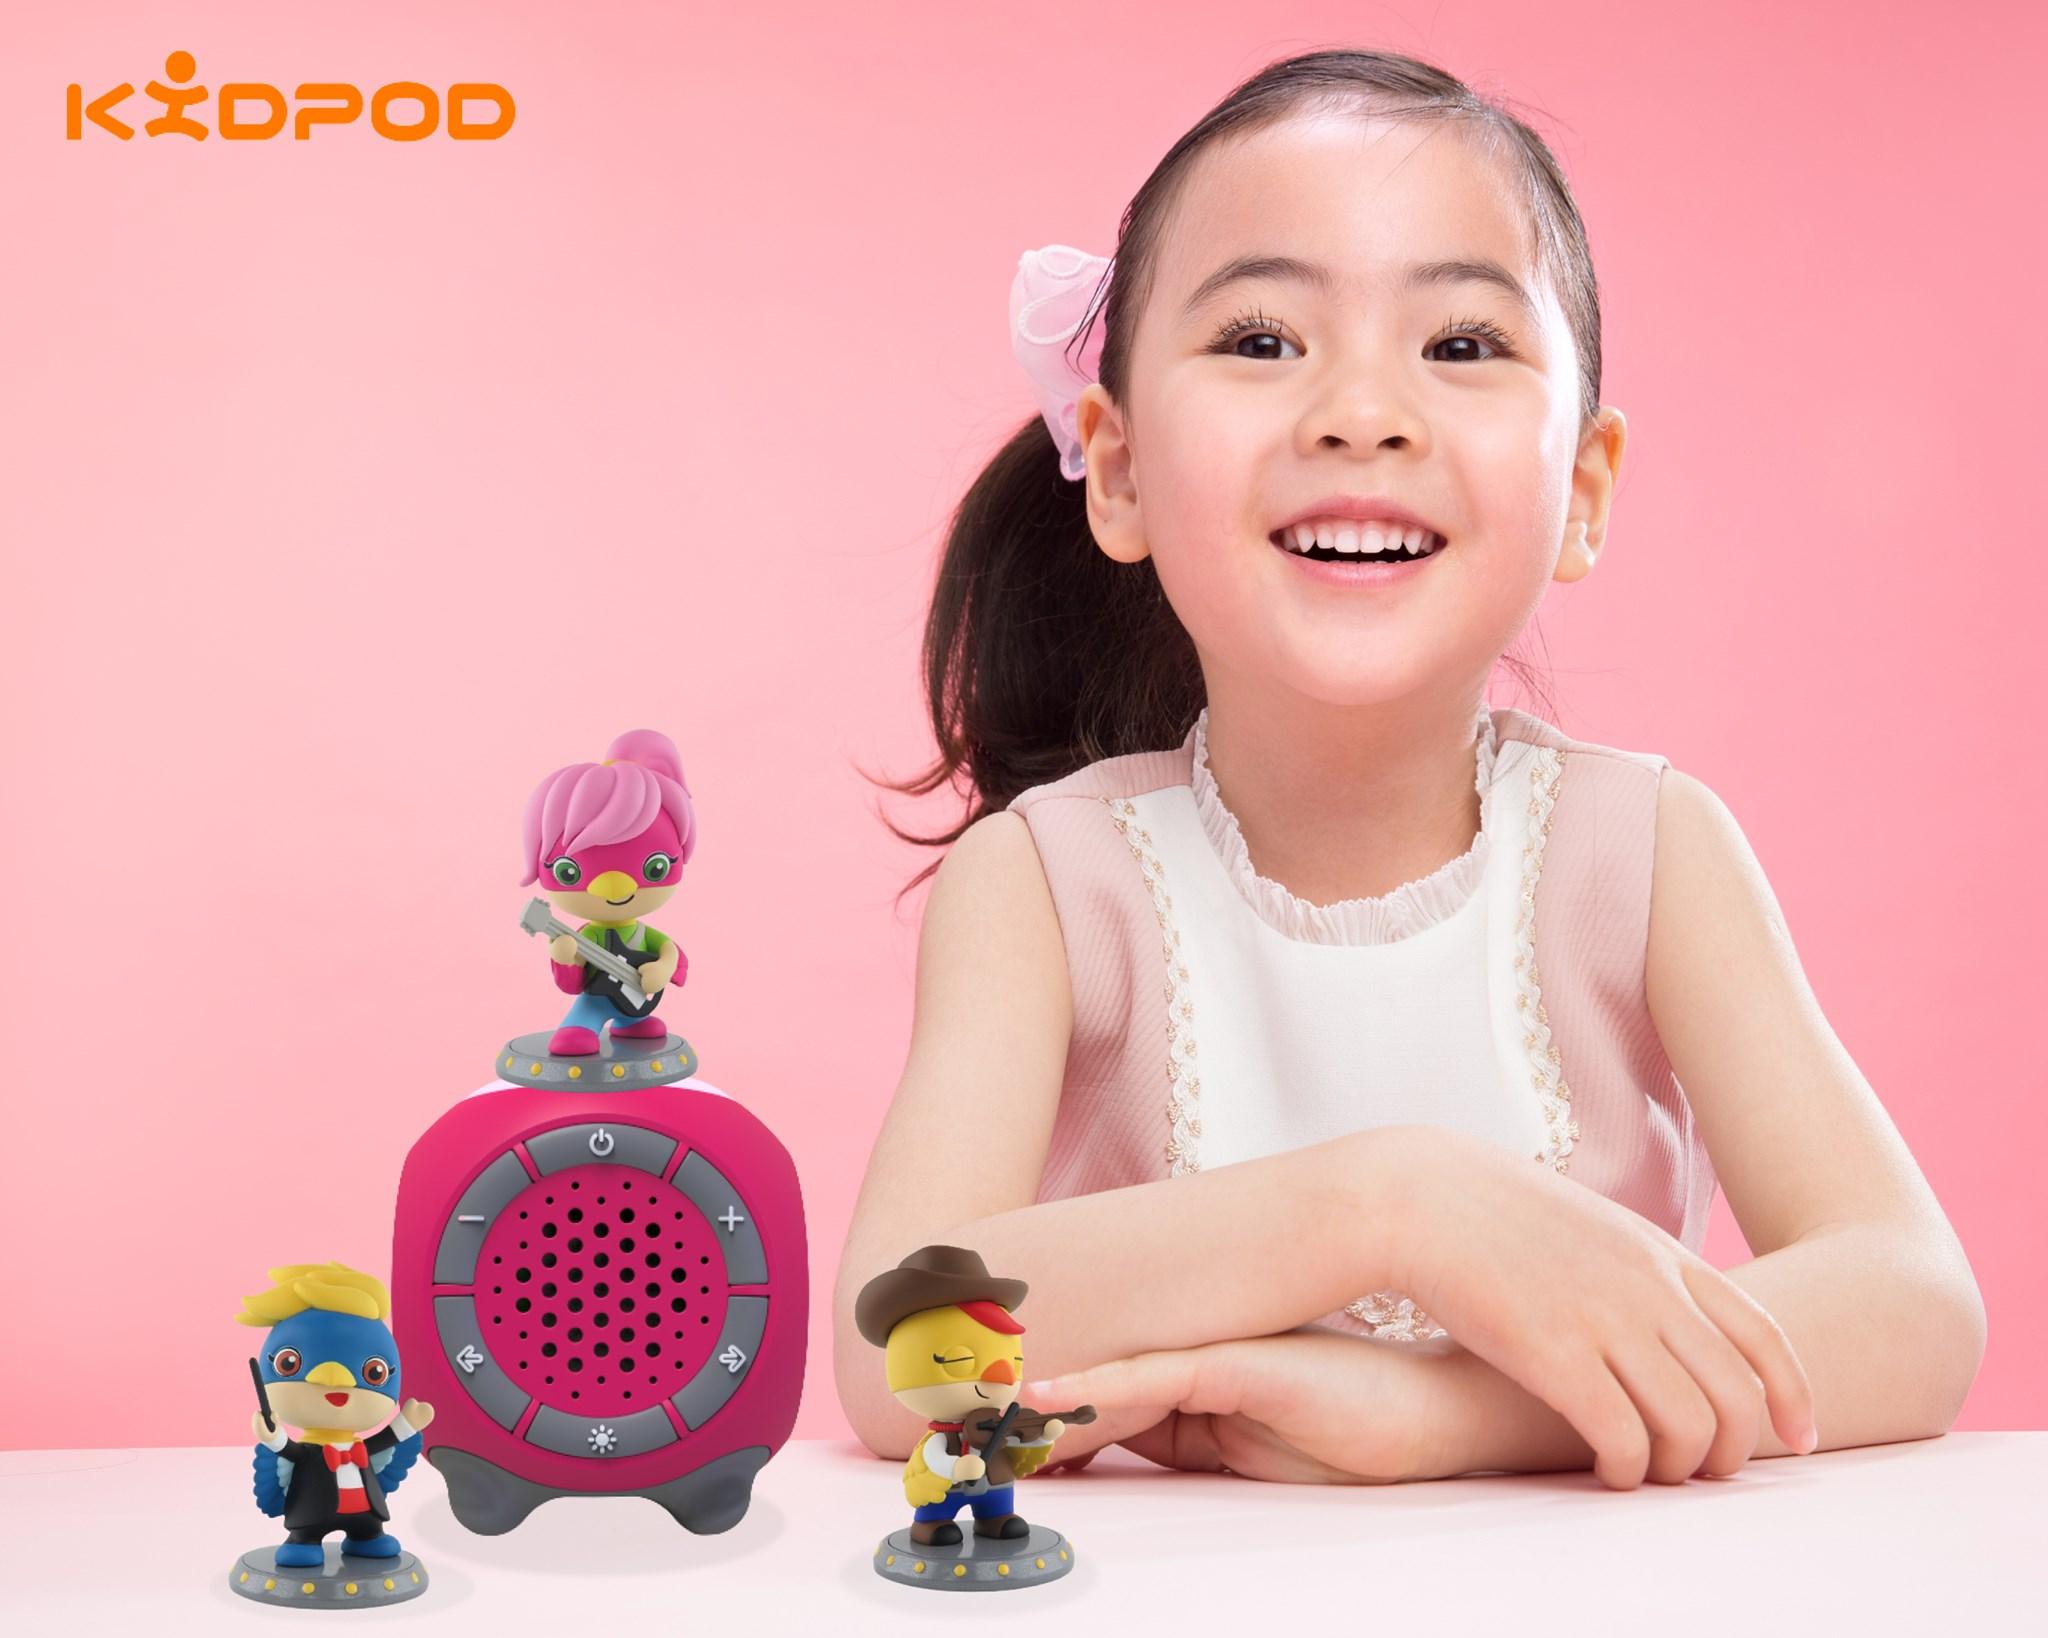 Máy nghe nhạc, kể chuyện Kidpod